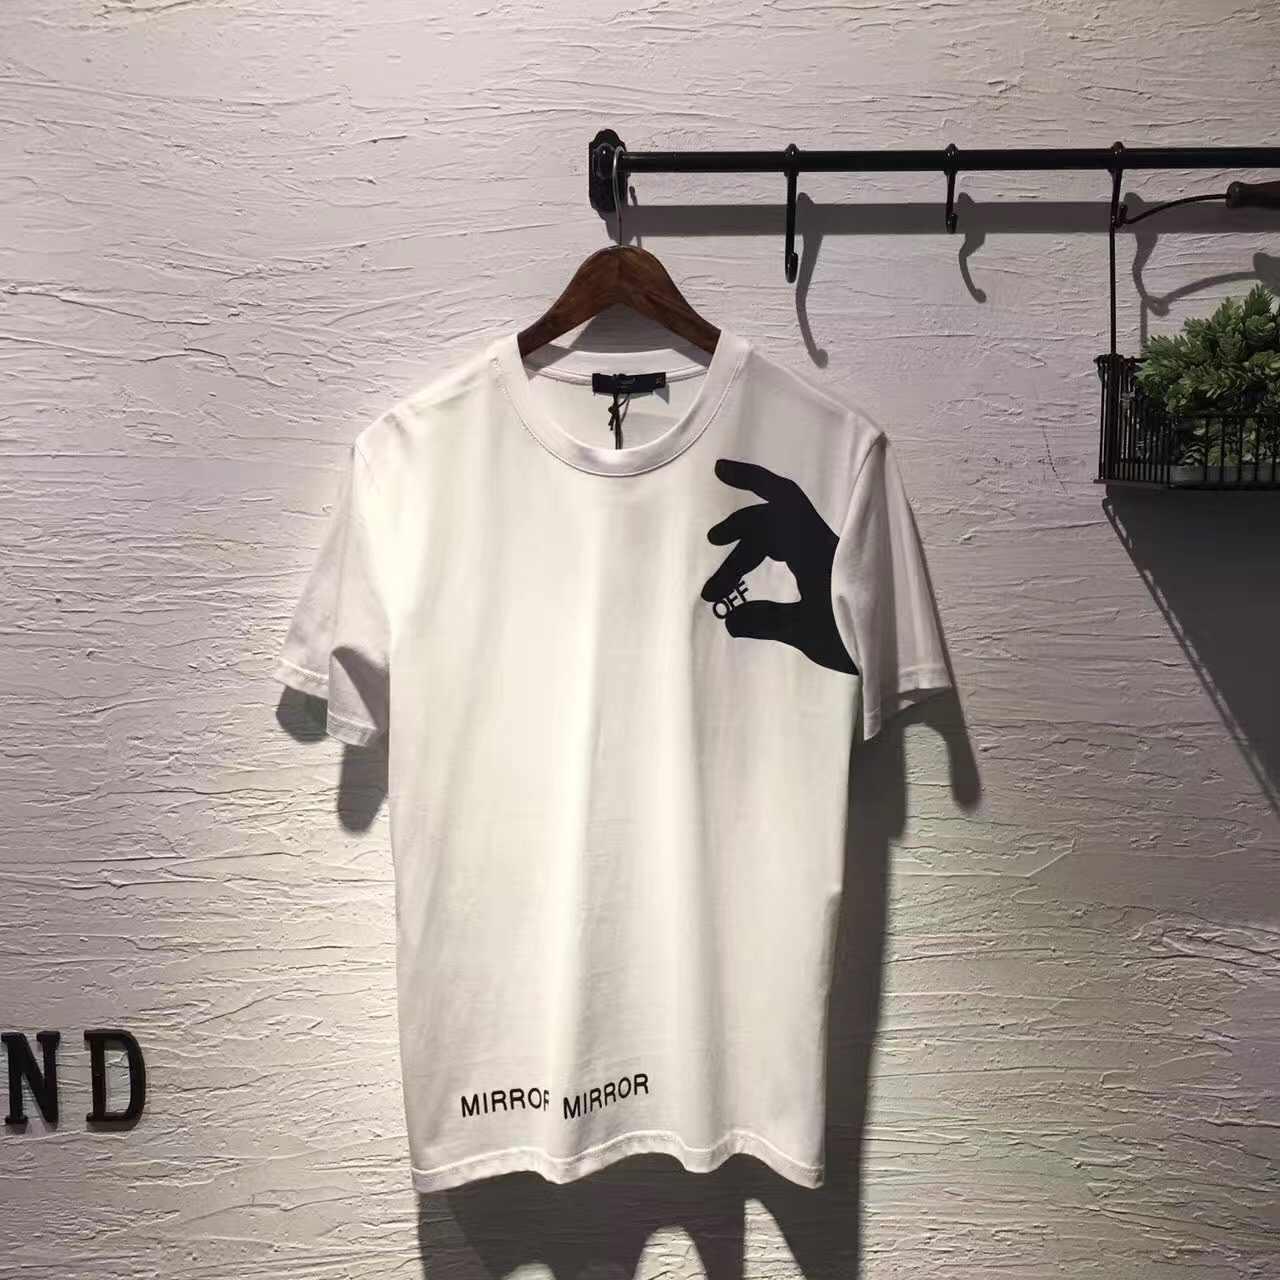 2020 חדש הגעה אופנה בגדים קצר O-צוואר כבוי מקרית T חולצה גברים היפ הופ חולצת טי הדפסת כותנה חולצה קיץ חולצות tees